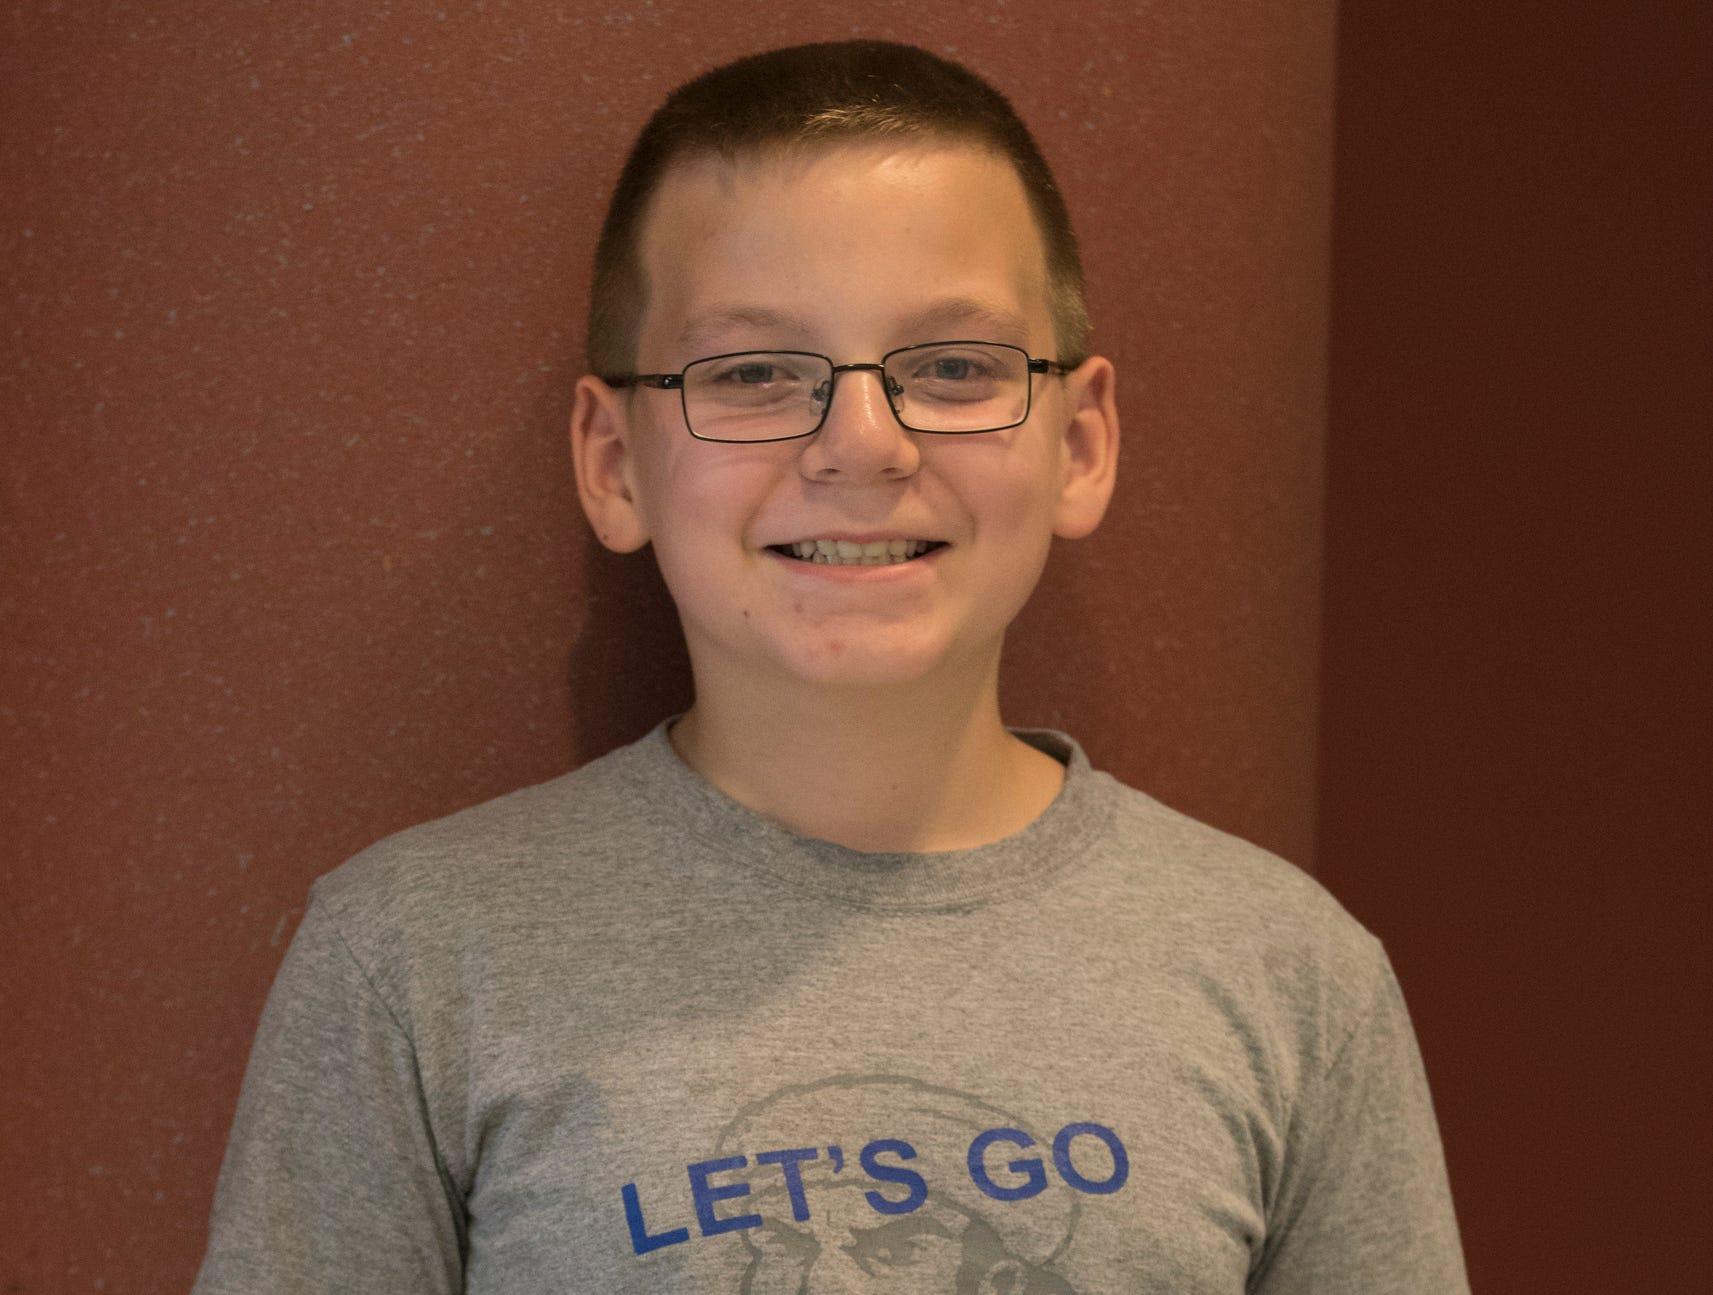 Brendan Carmean, 9, Mud Crew. Project: Exploring the Outdoors